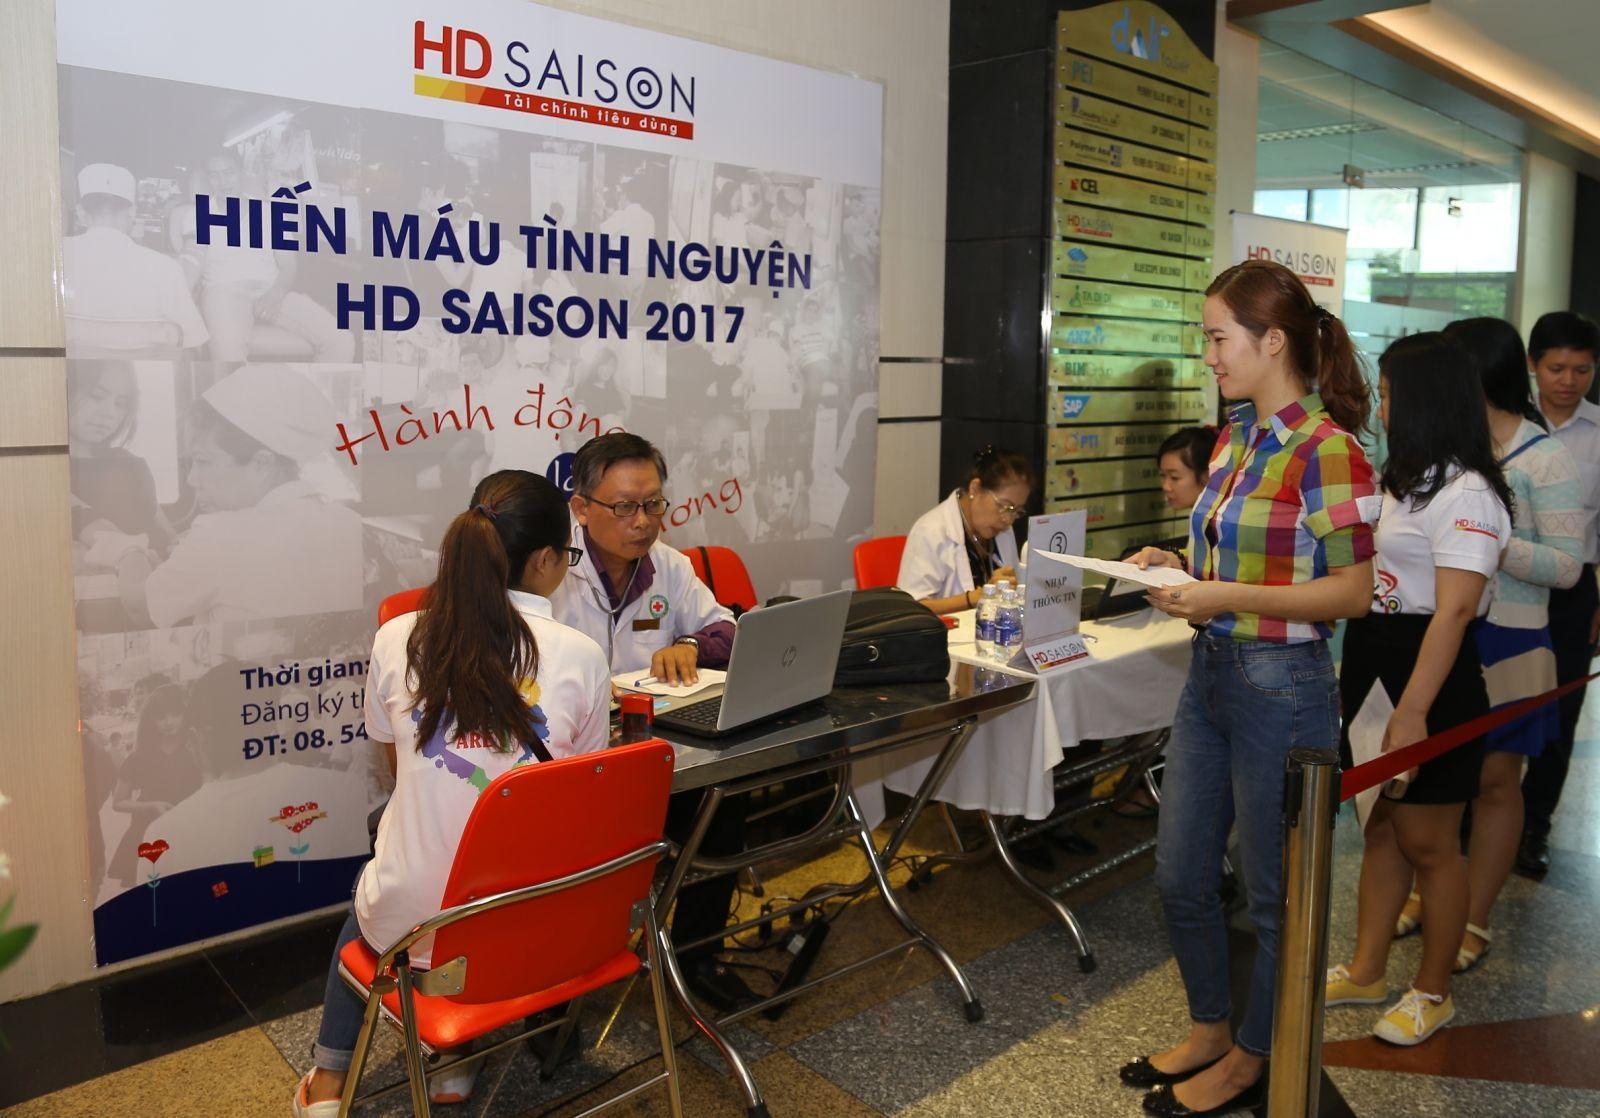 """Hơn 500 đơn vị máu tại """"Ngày hội hiến máu tình nguyện HD Saison 2017"""""""